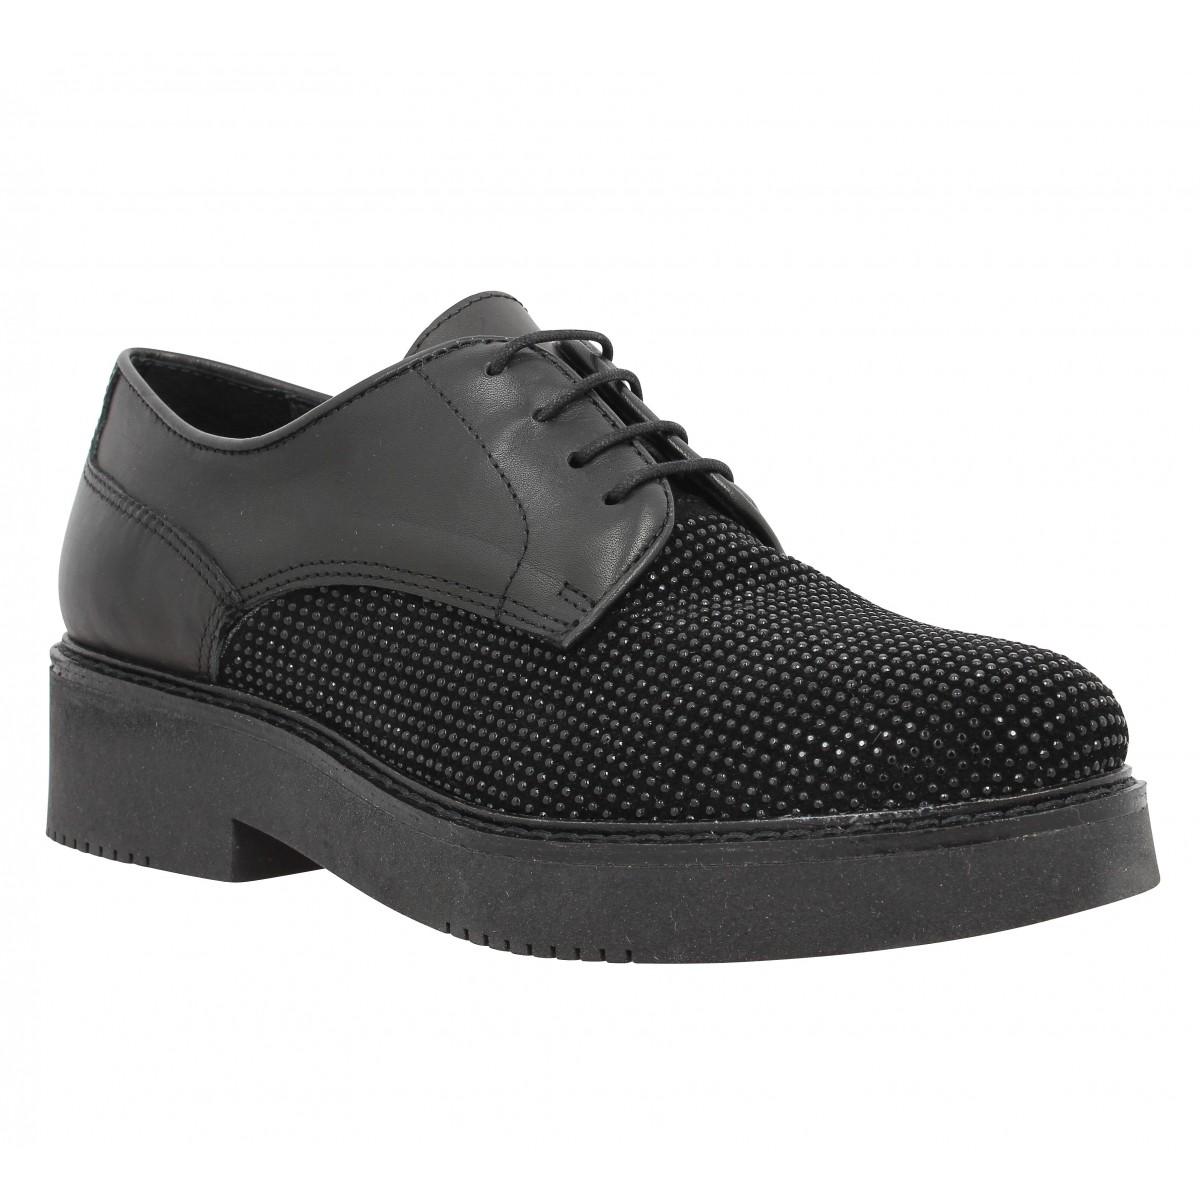 Chaussures à lacets MORENA GABBRIELLI 1158 Femme Noir